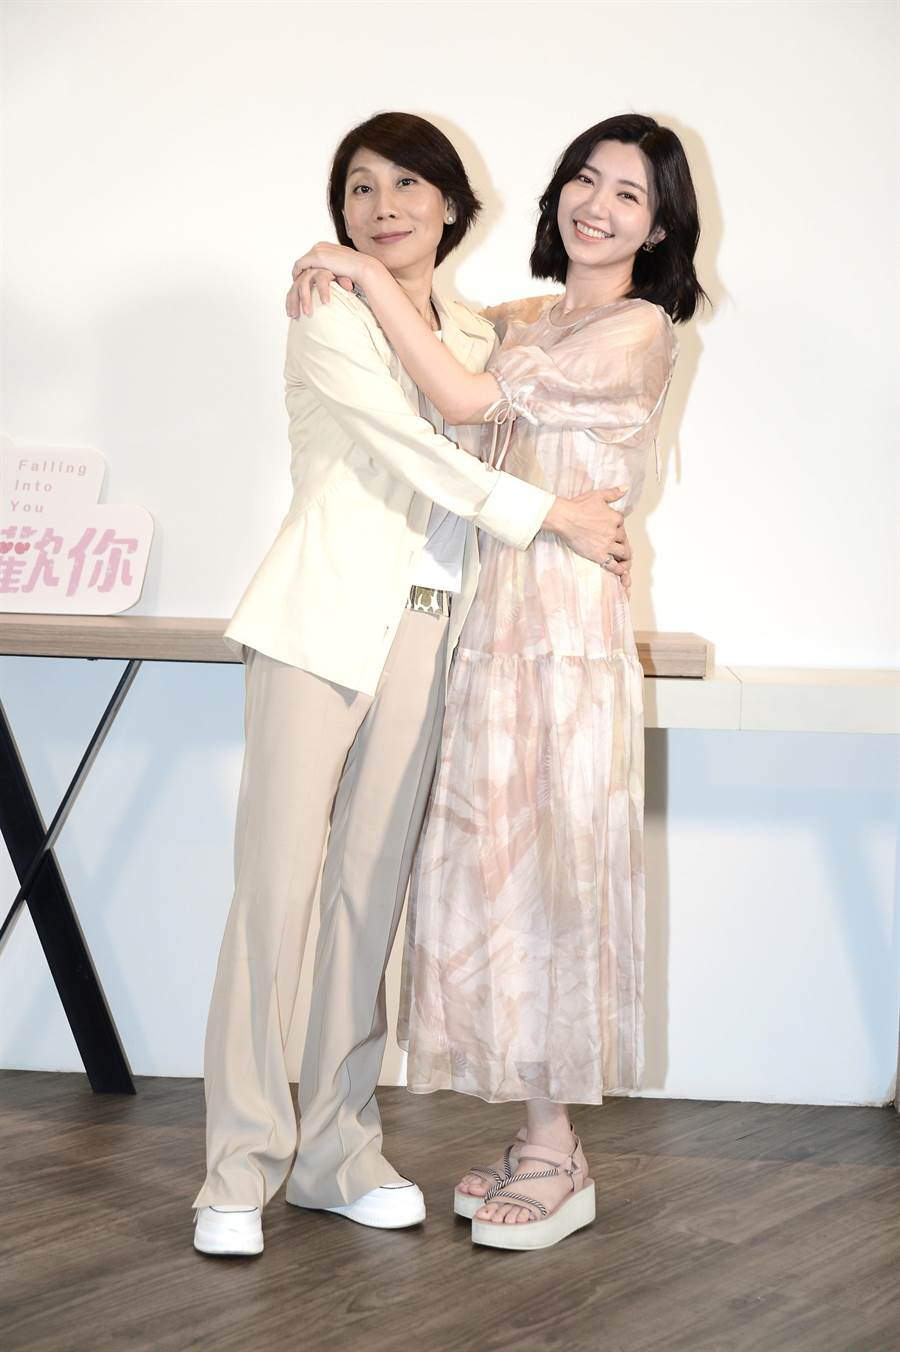 郎祖筠、郭雪芙母女档现身宣传《因为我喜欢你》。(八大提供)